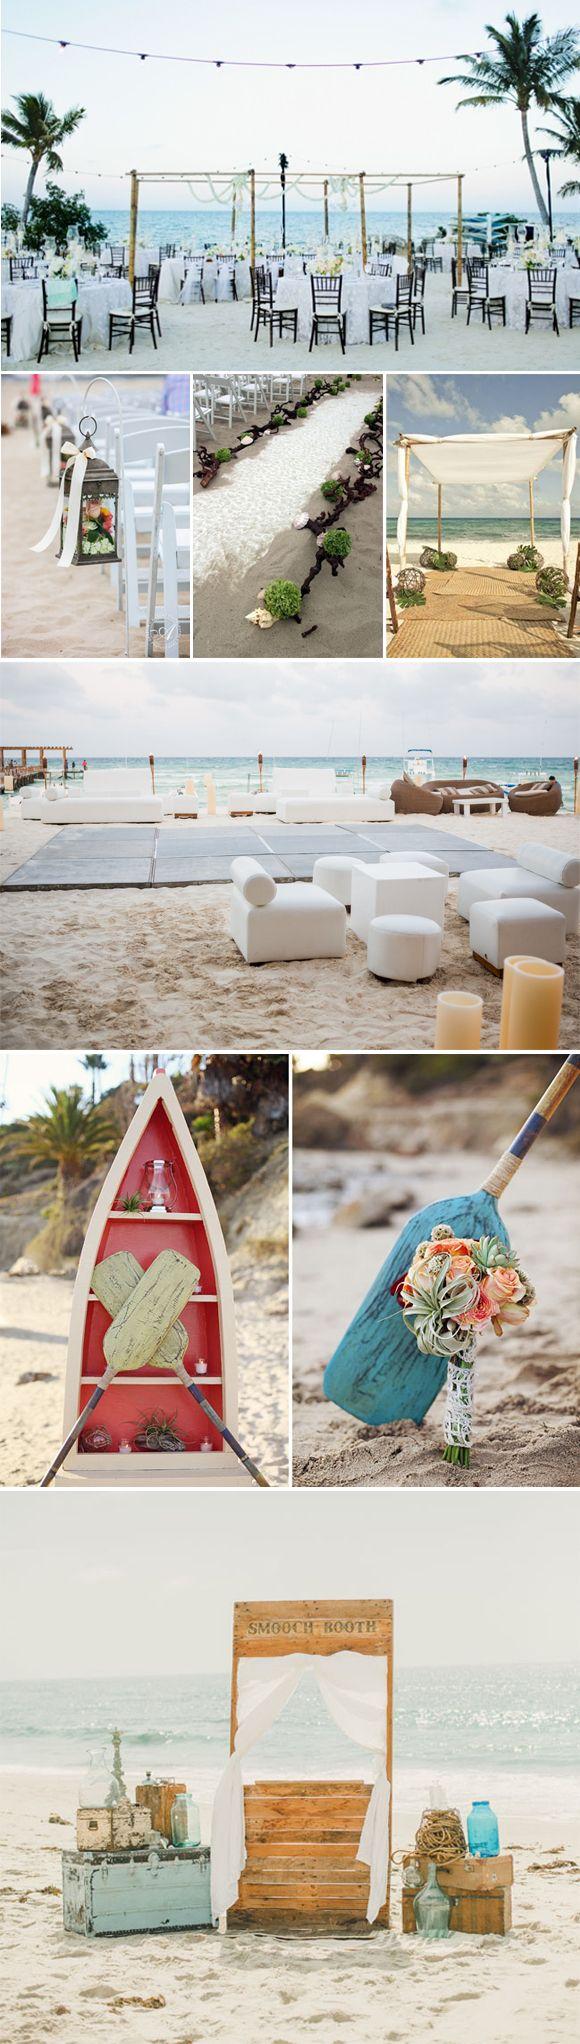 Decoracion de bodas en la playa: Ideas geniales para los novios que os casáis en la playa decoréis vuestra boda con mucho estilo.